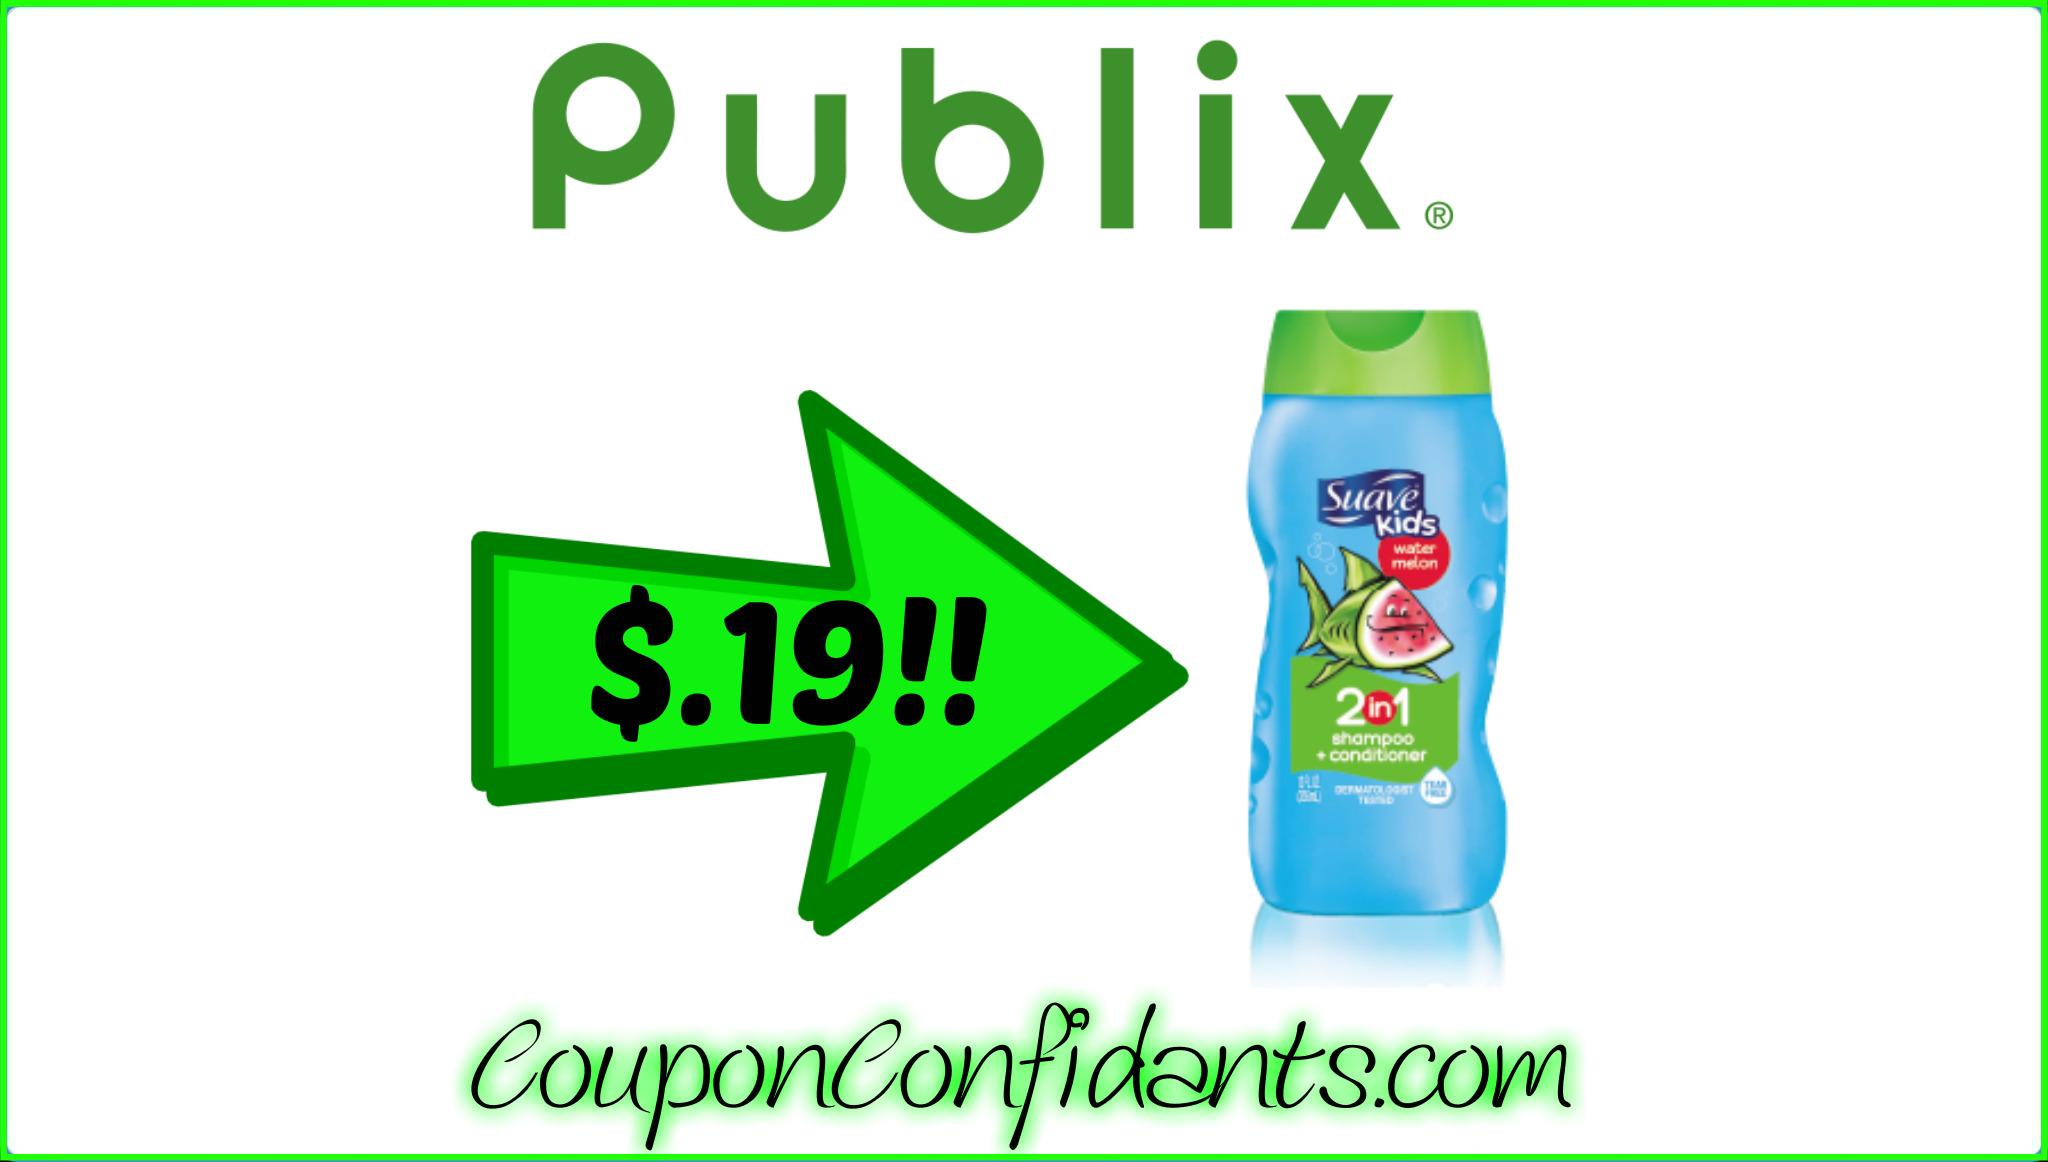 $.19 Suave Kids at Publix! WOW!!